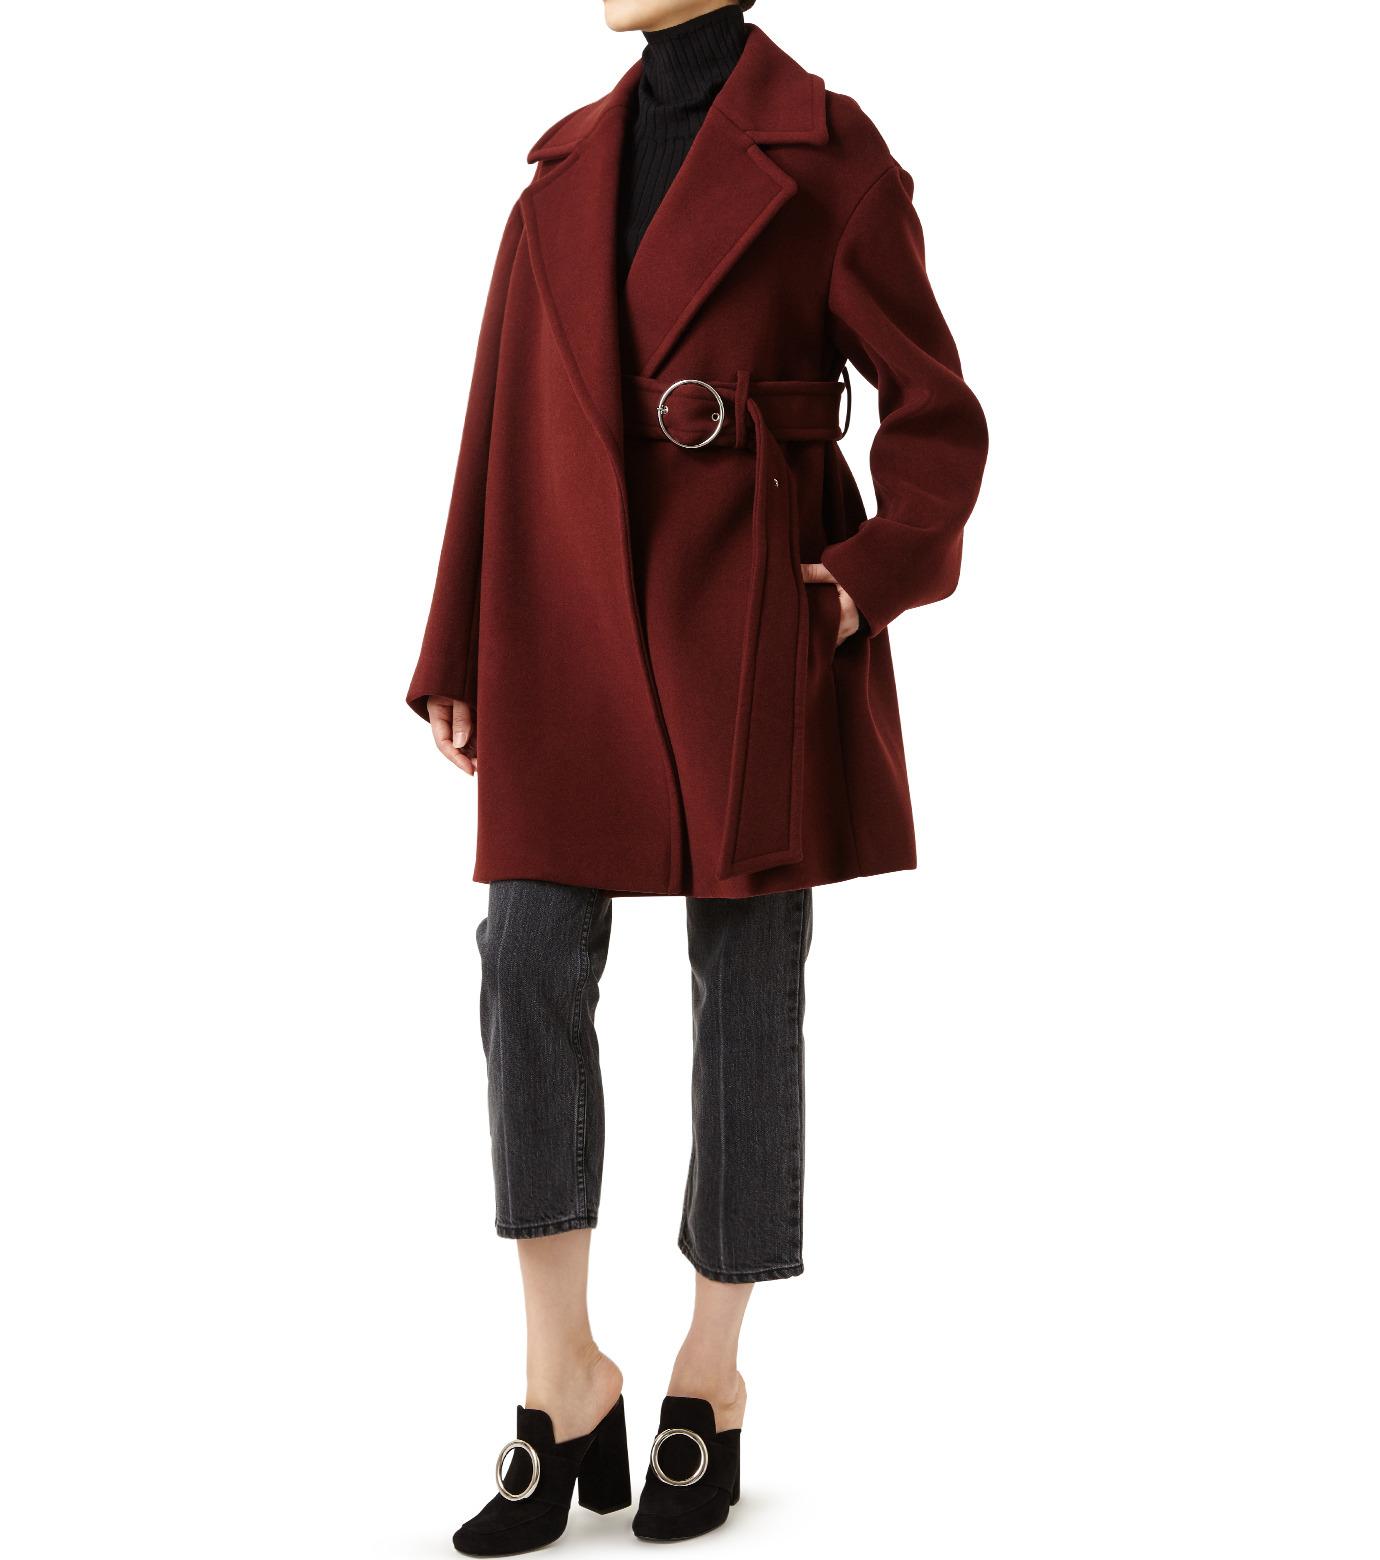 LE CIEL BLEU(ルシェルブルー)のベルトオーバーコート-BORDEAUX(コート/coat)-18A69512 拡大詳細画像3